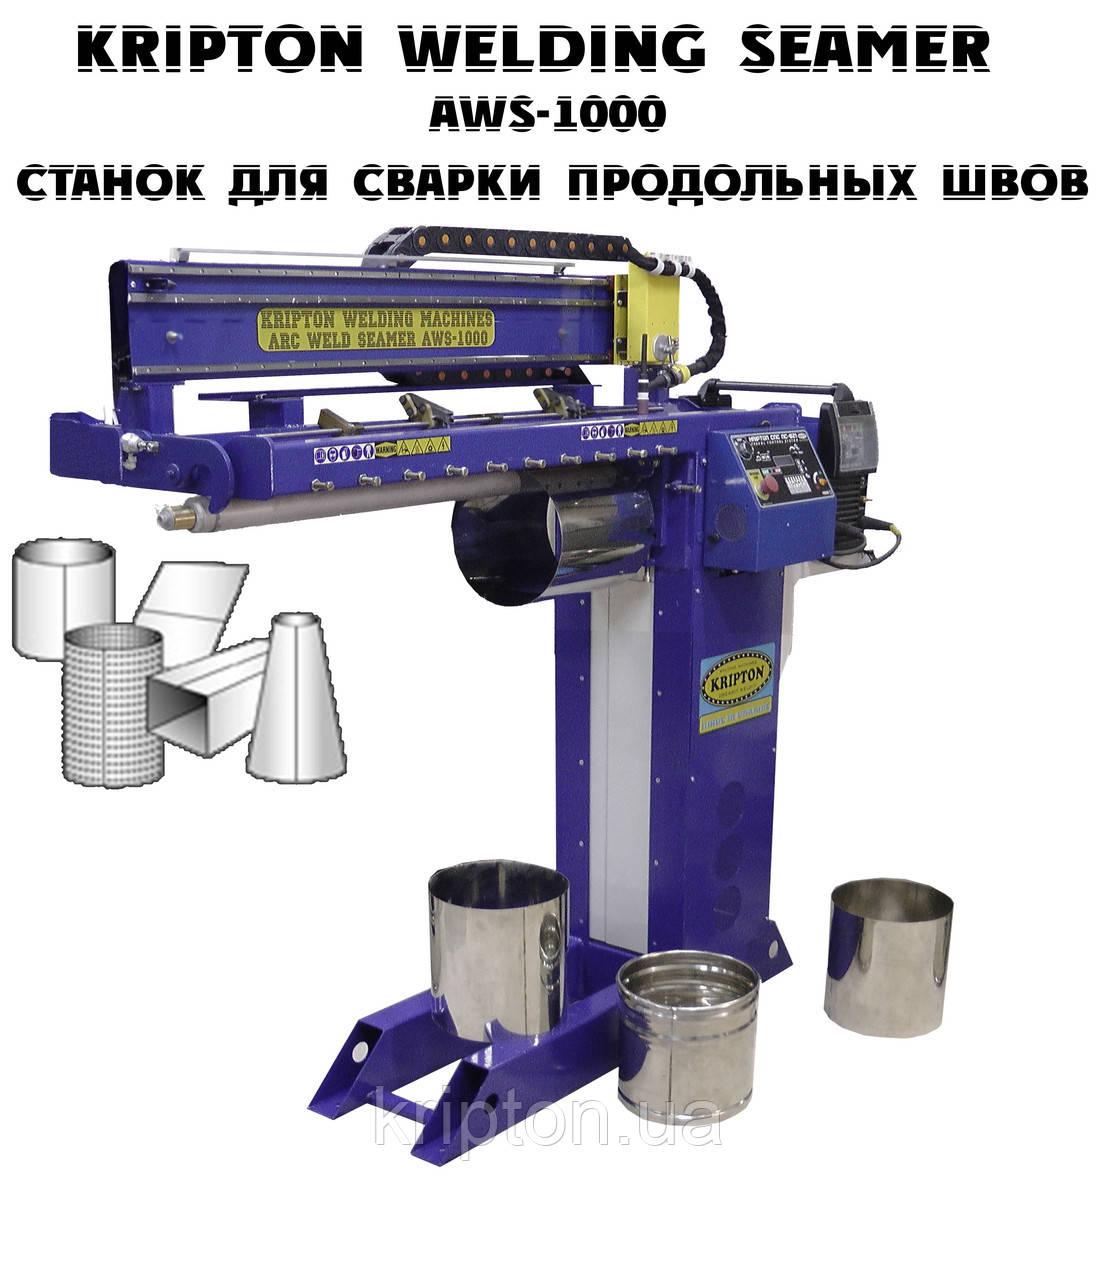 Сварочный Симмер AWS-1000 Kripton, для ТИГ-сварки.